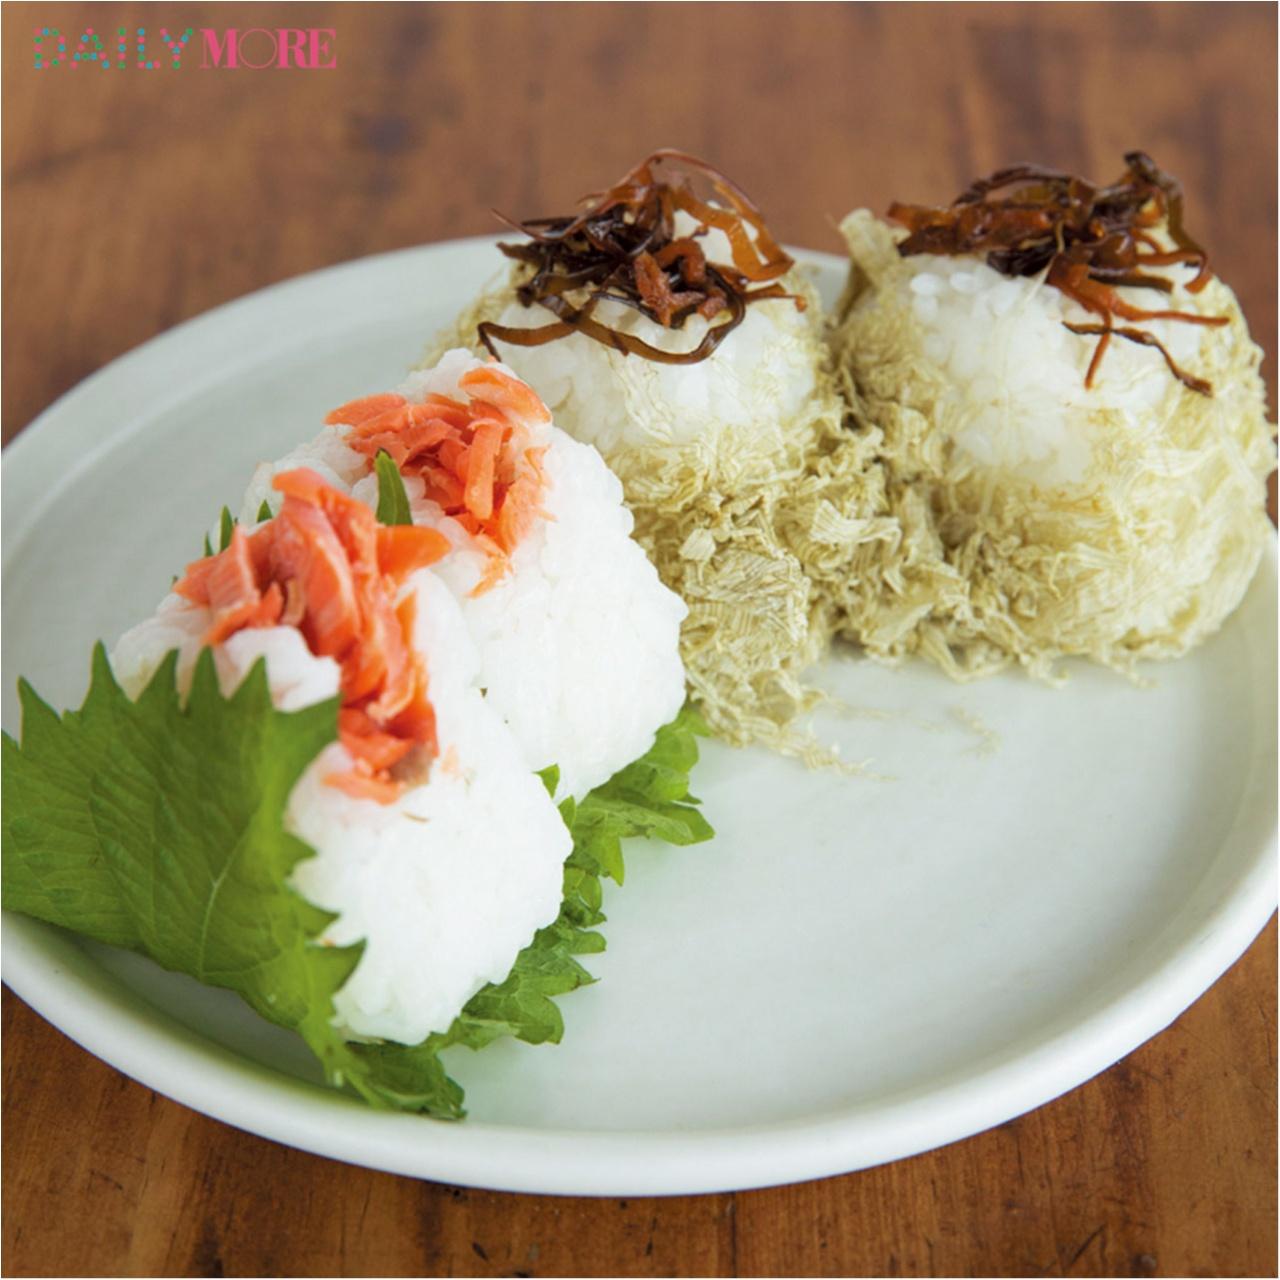 【吉田沙保里さんの「お弁当女子」チャレンジ!】初回の課題、かわいくておいしい「乙女おにぎり」レシピを大紹介!【#モアチャレ リポート】_3